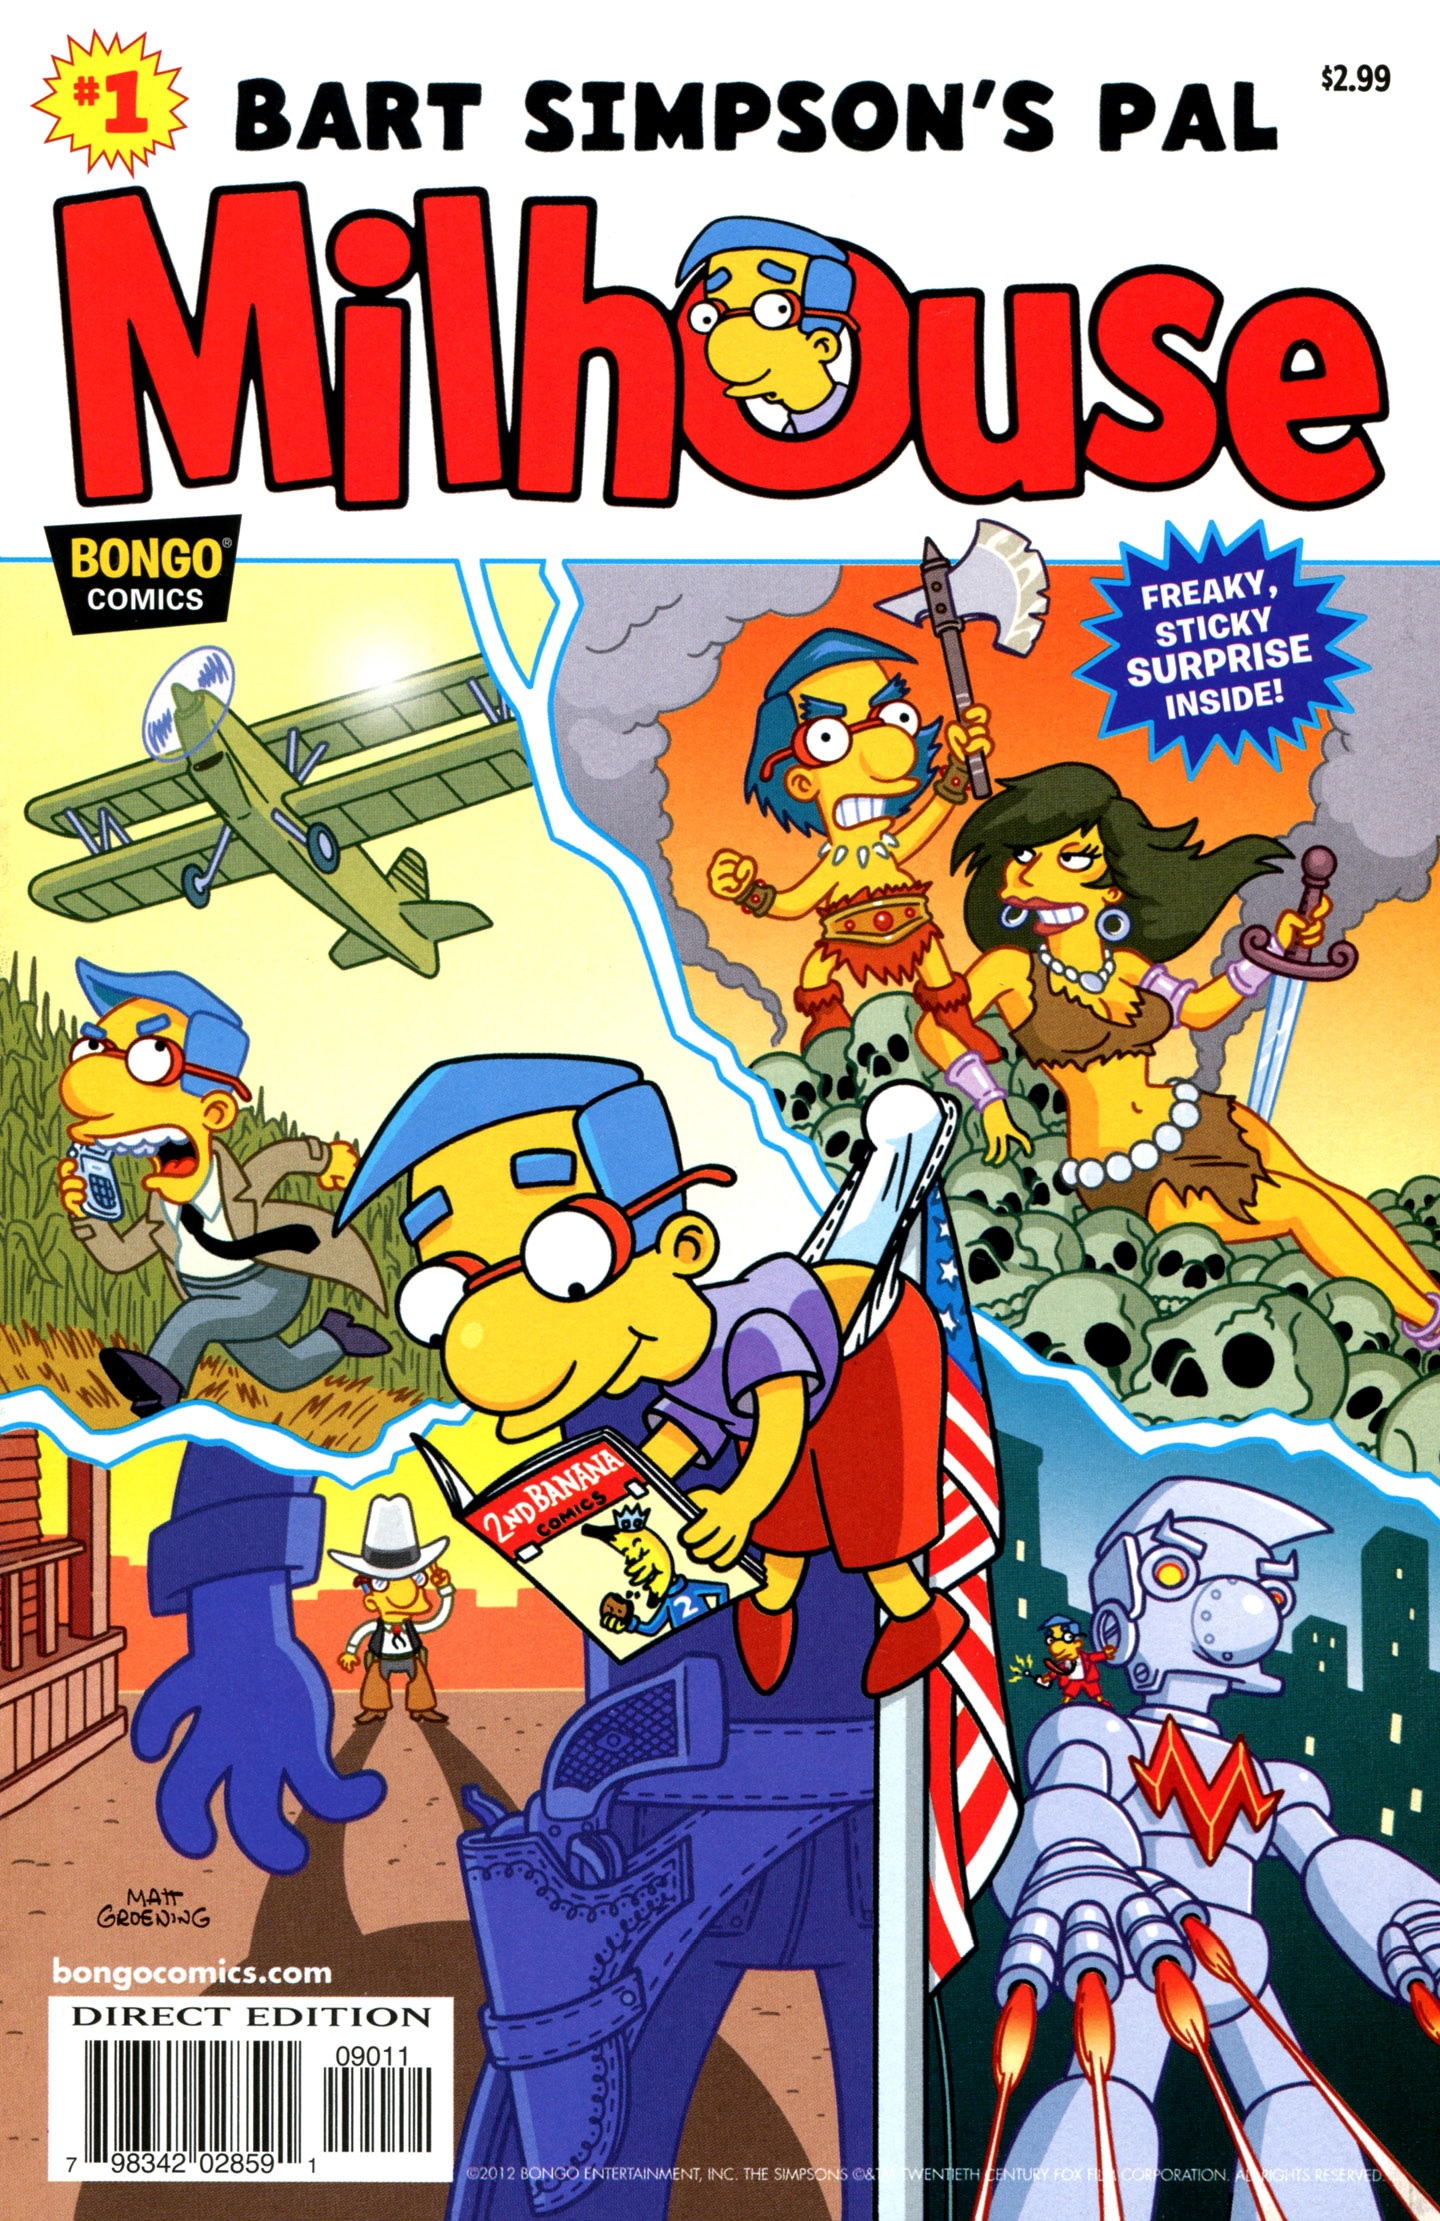 Bart Simpson's Pal, Milhouse